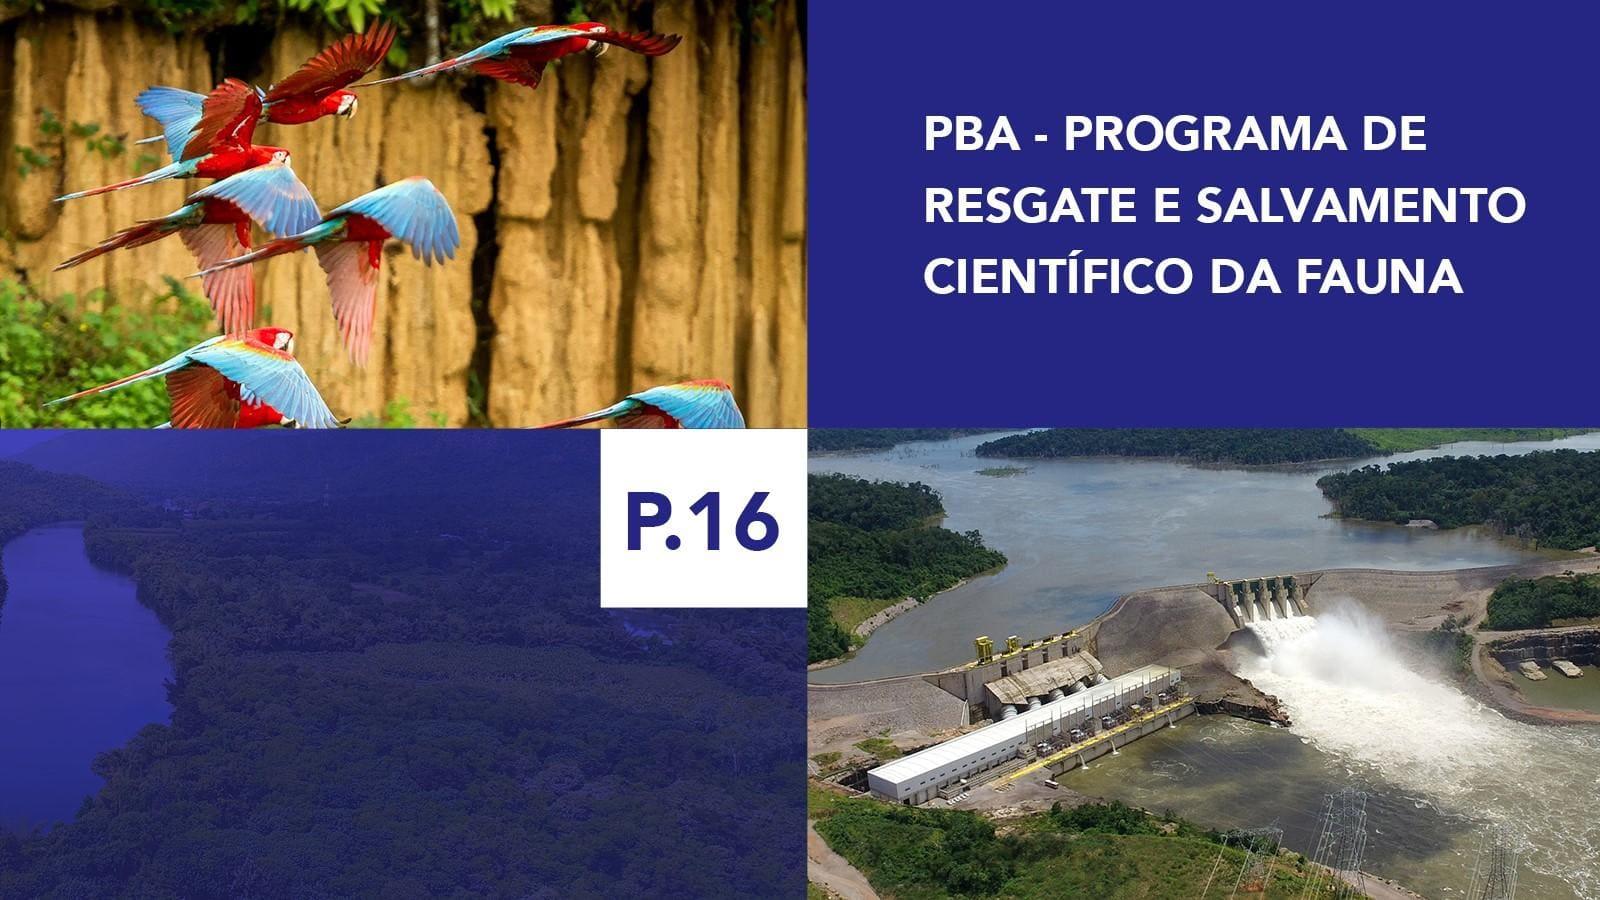 P.16 - Programa de Resgate e Salvamento Científico da Fauna